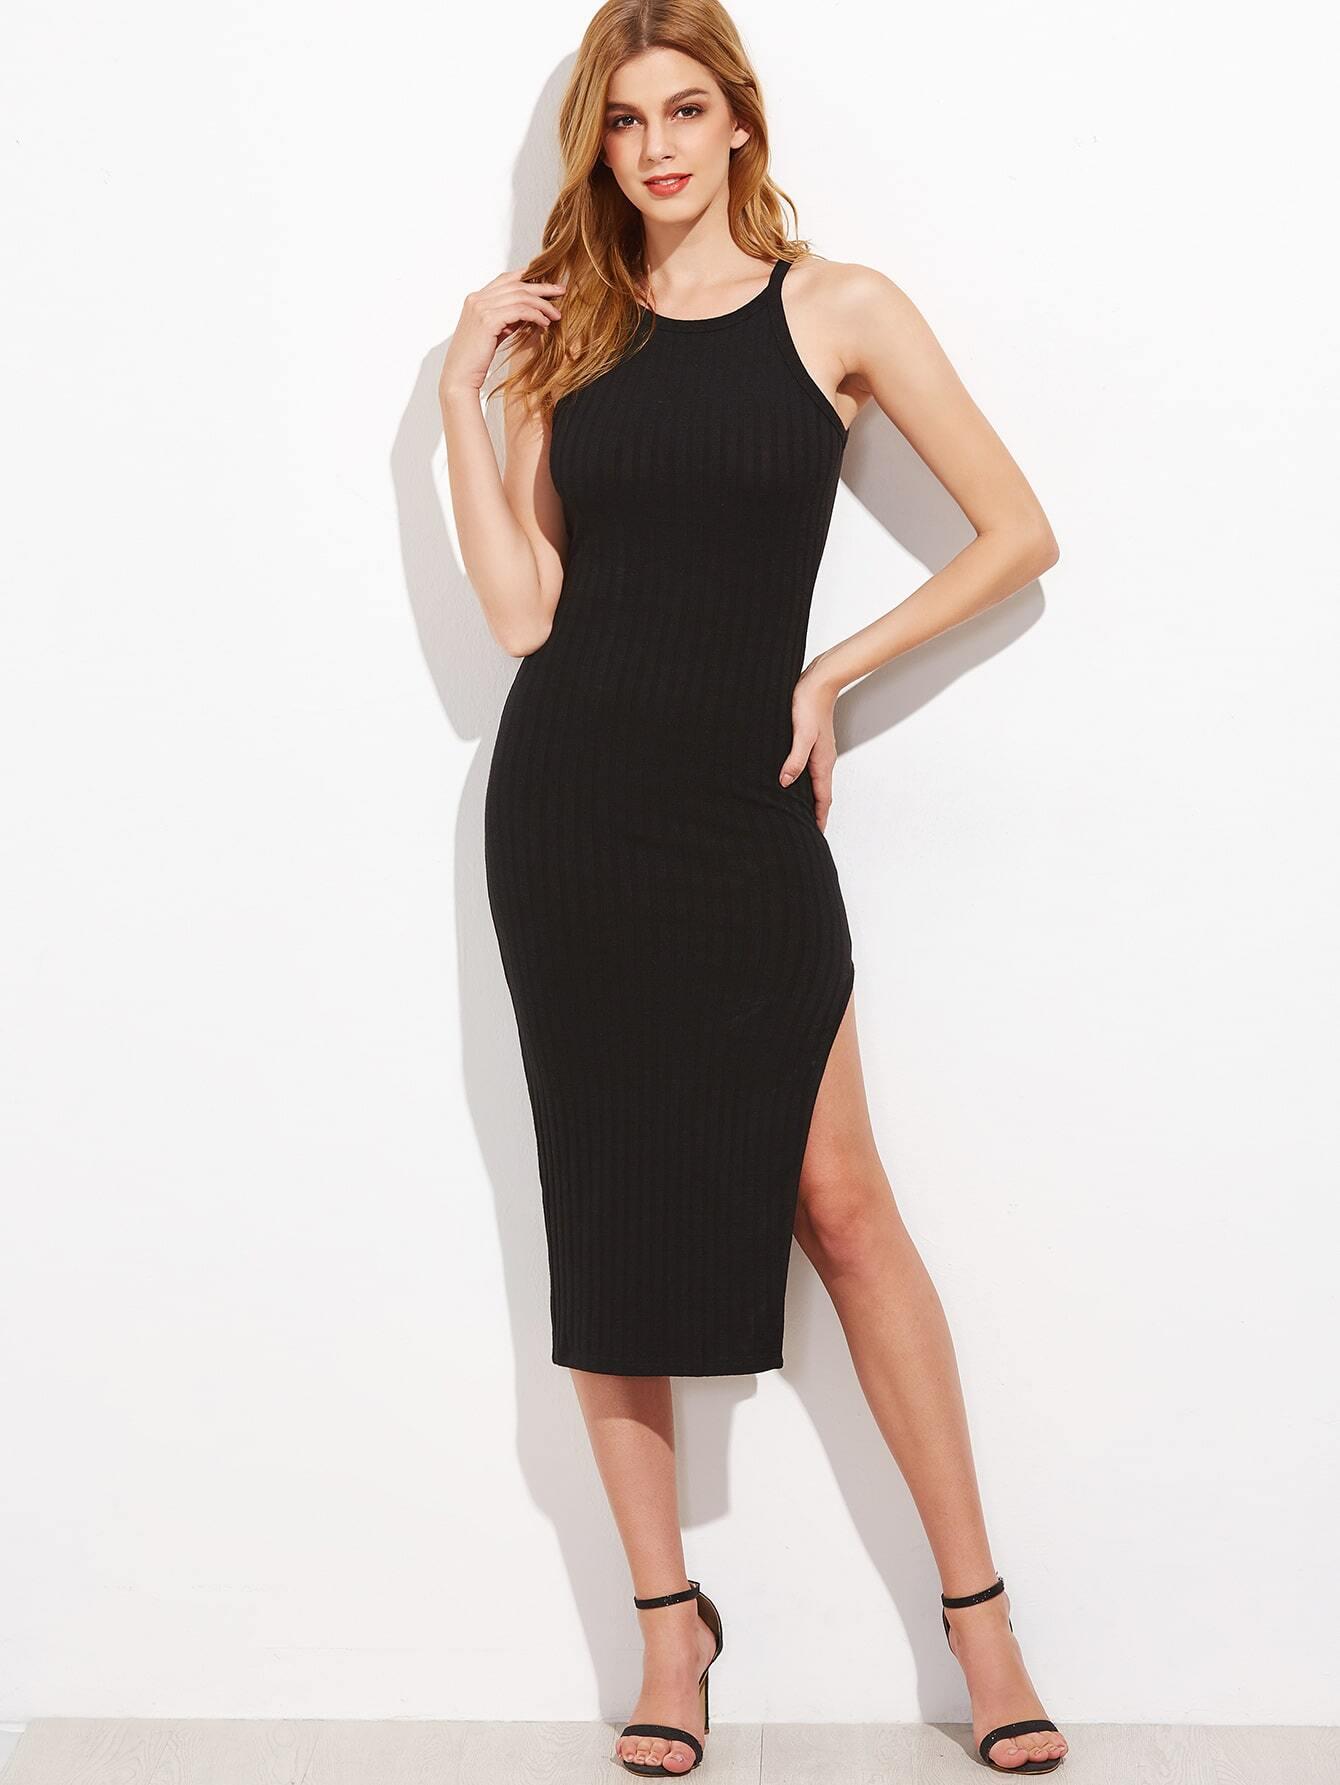 Black Side Slit Ribbed Cami Dress dress161118727